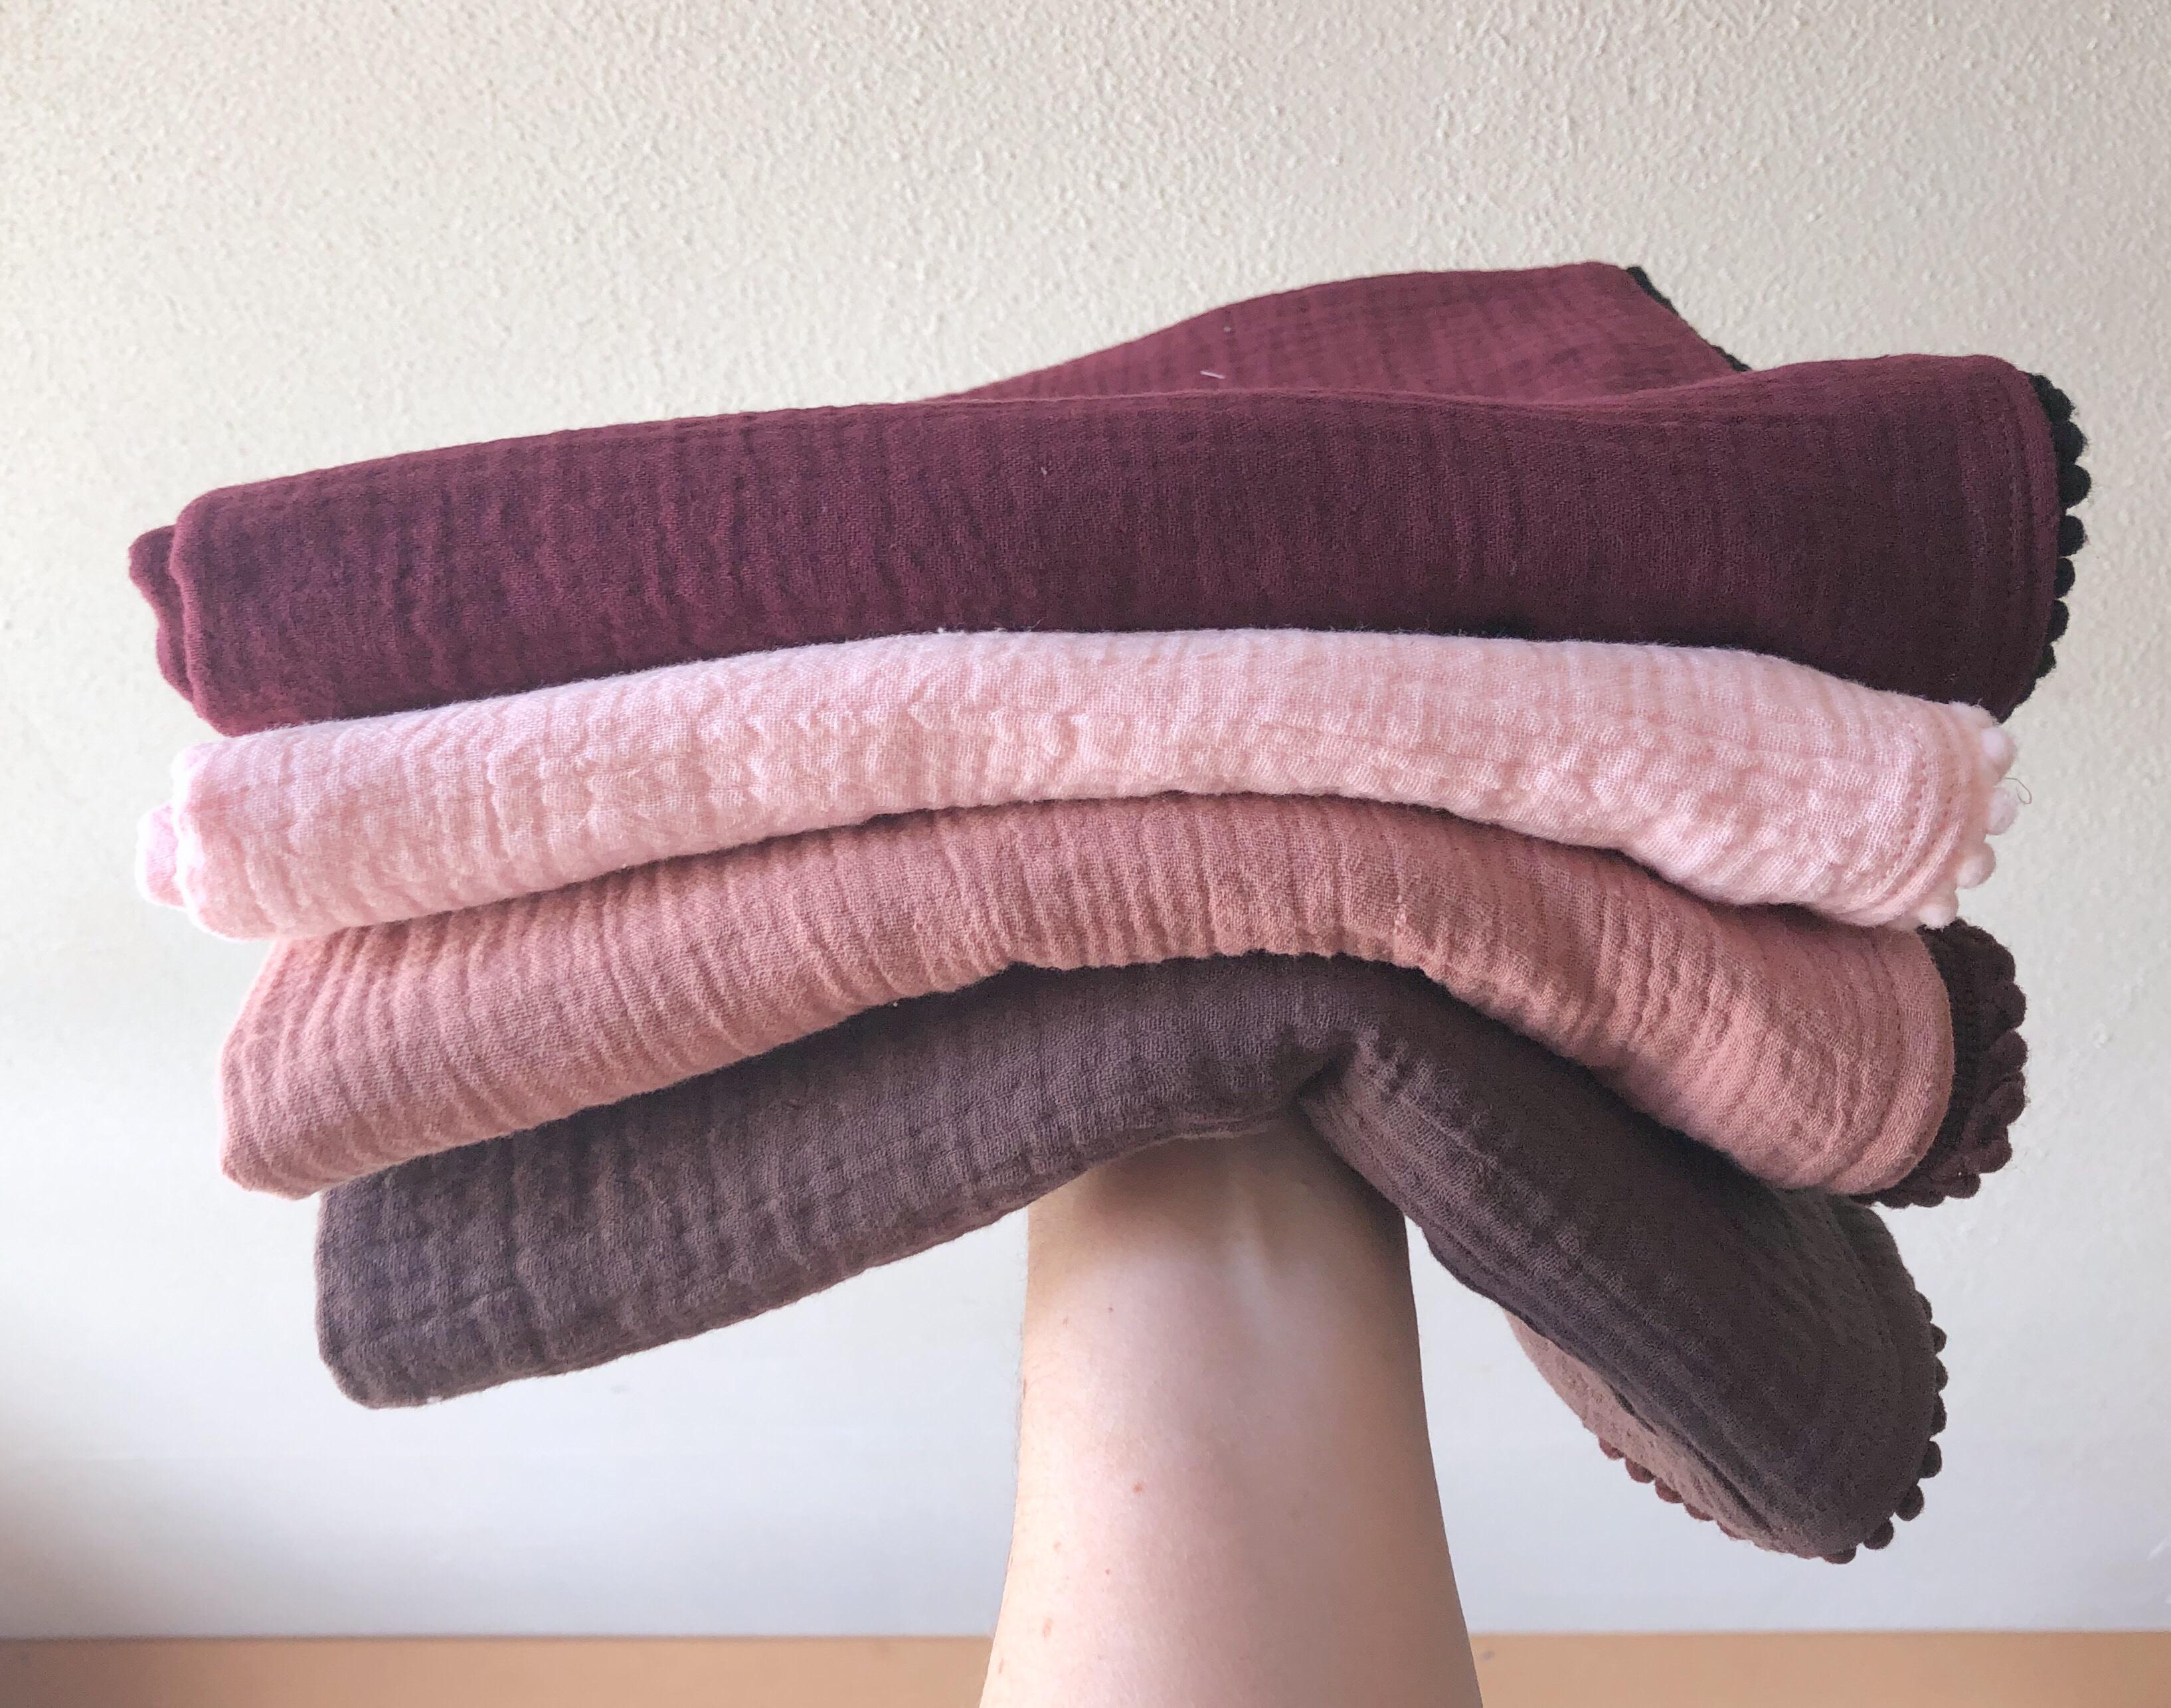 Zachte hydrofiele doeken met een schattig pompom randje